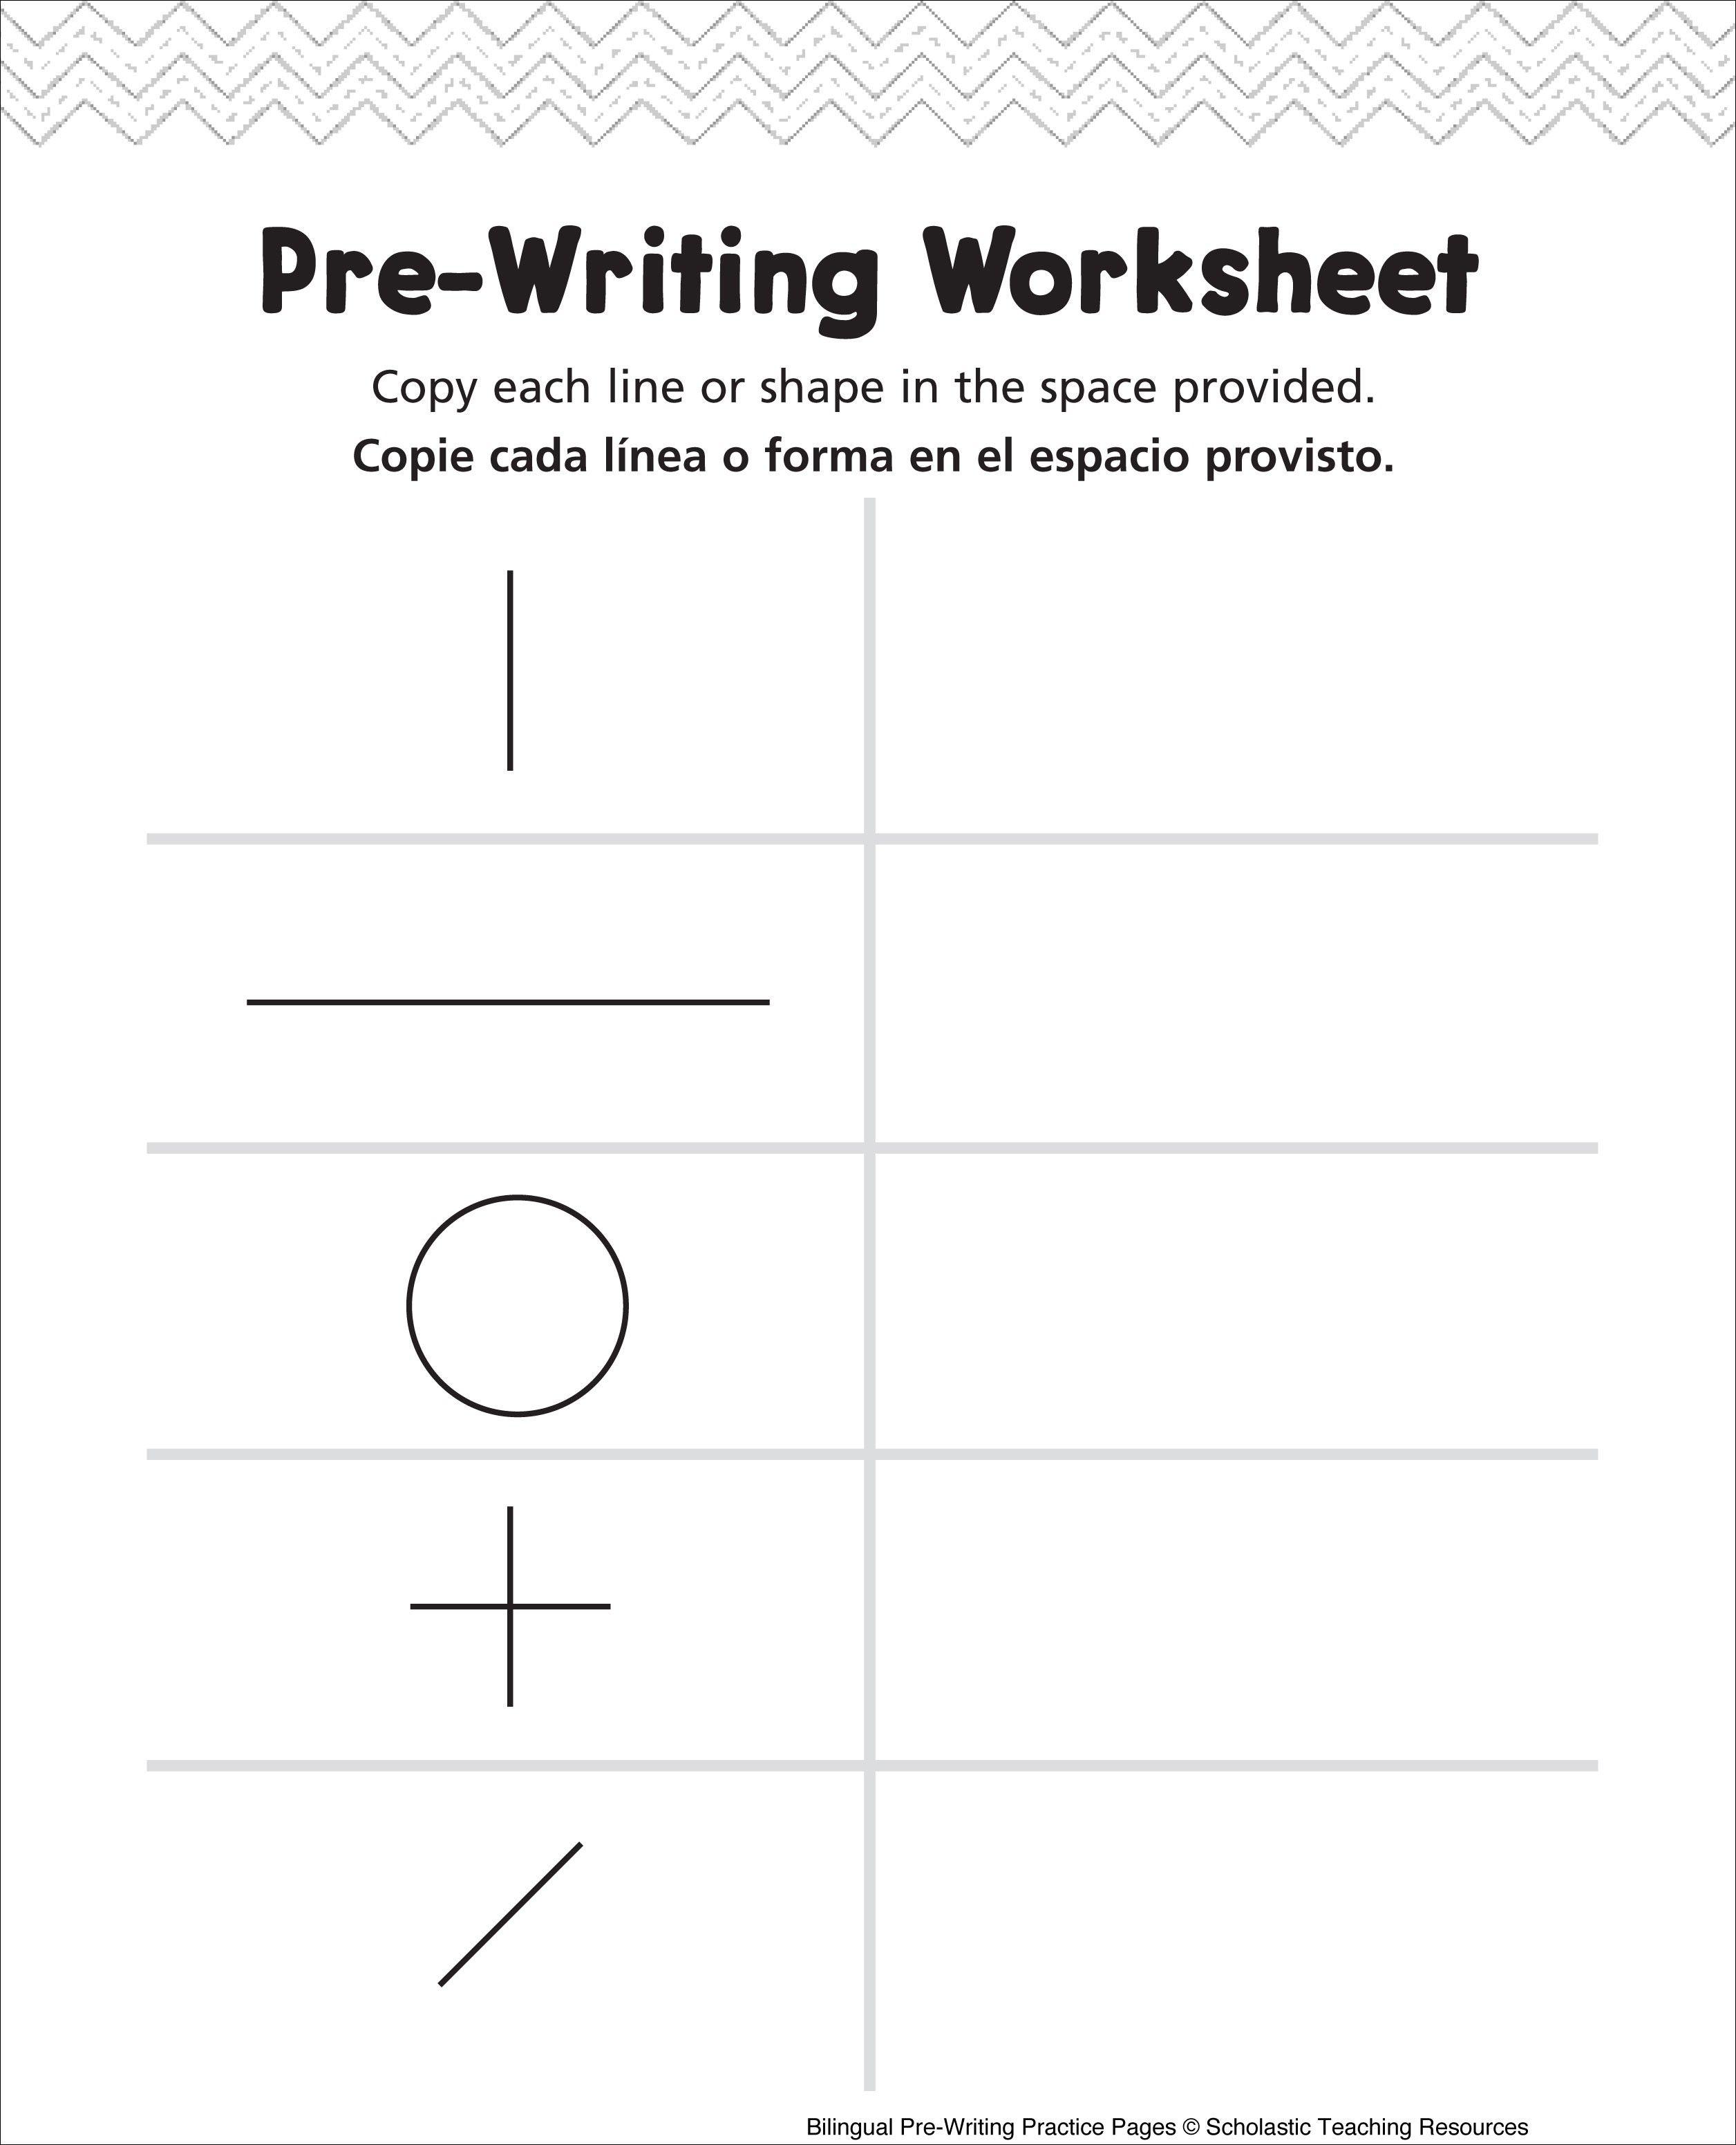 Pre Writing Worksheet Bilingual Practice Page – Pre Handwriting Worksheets